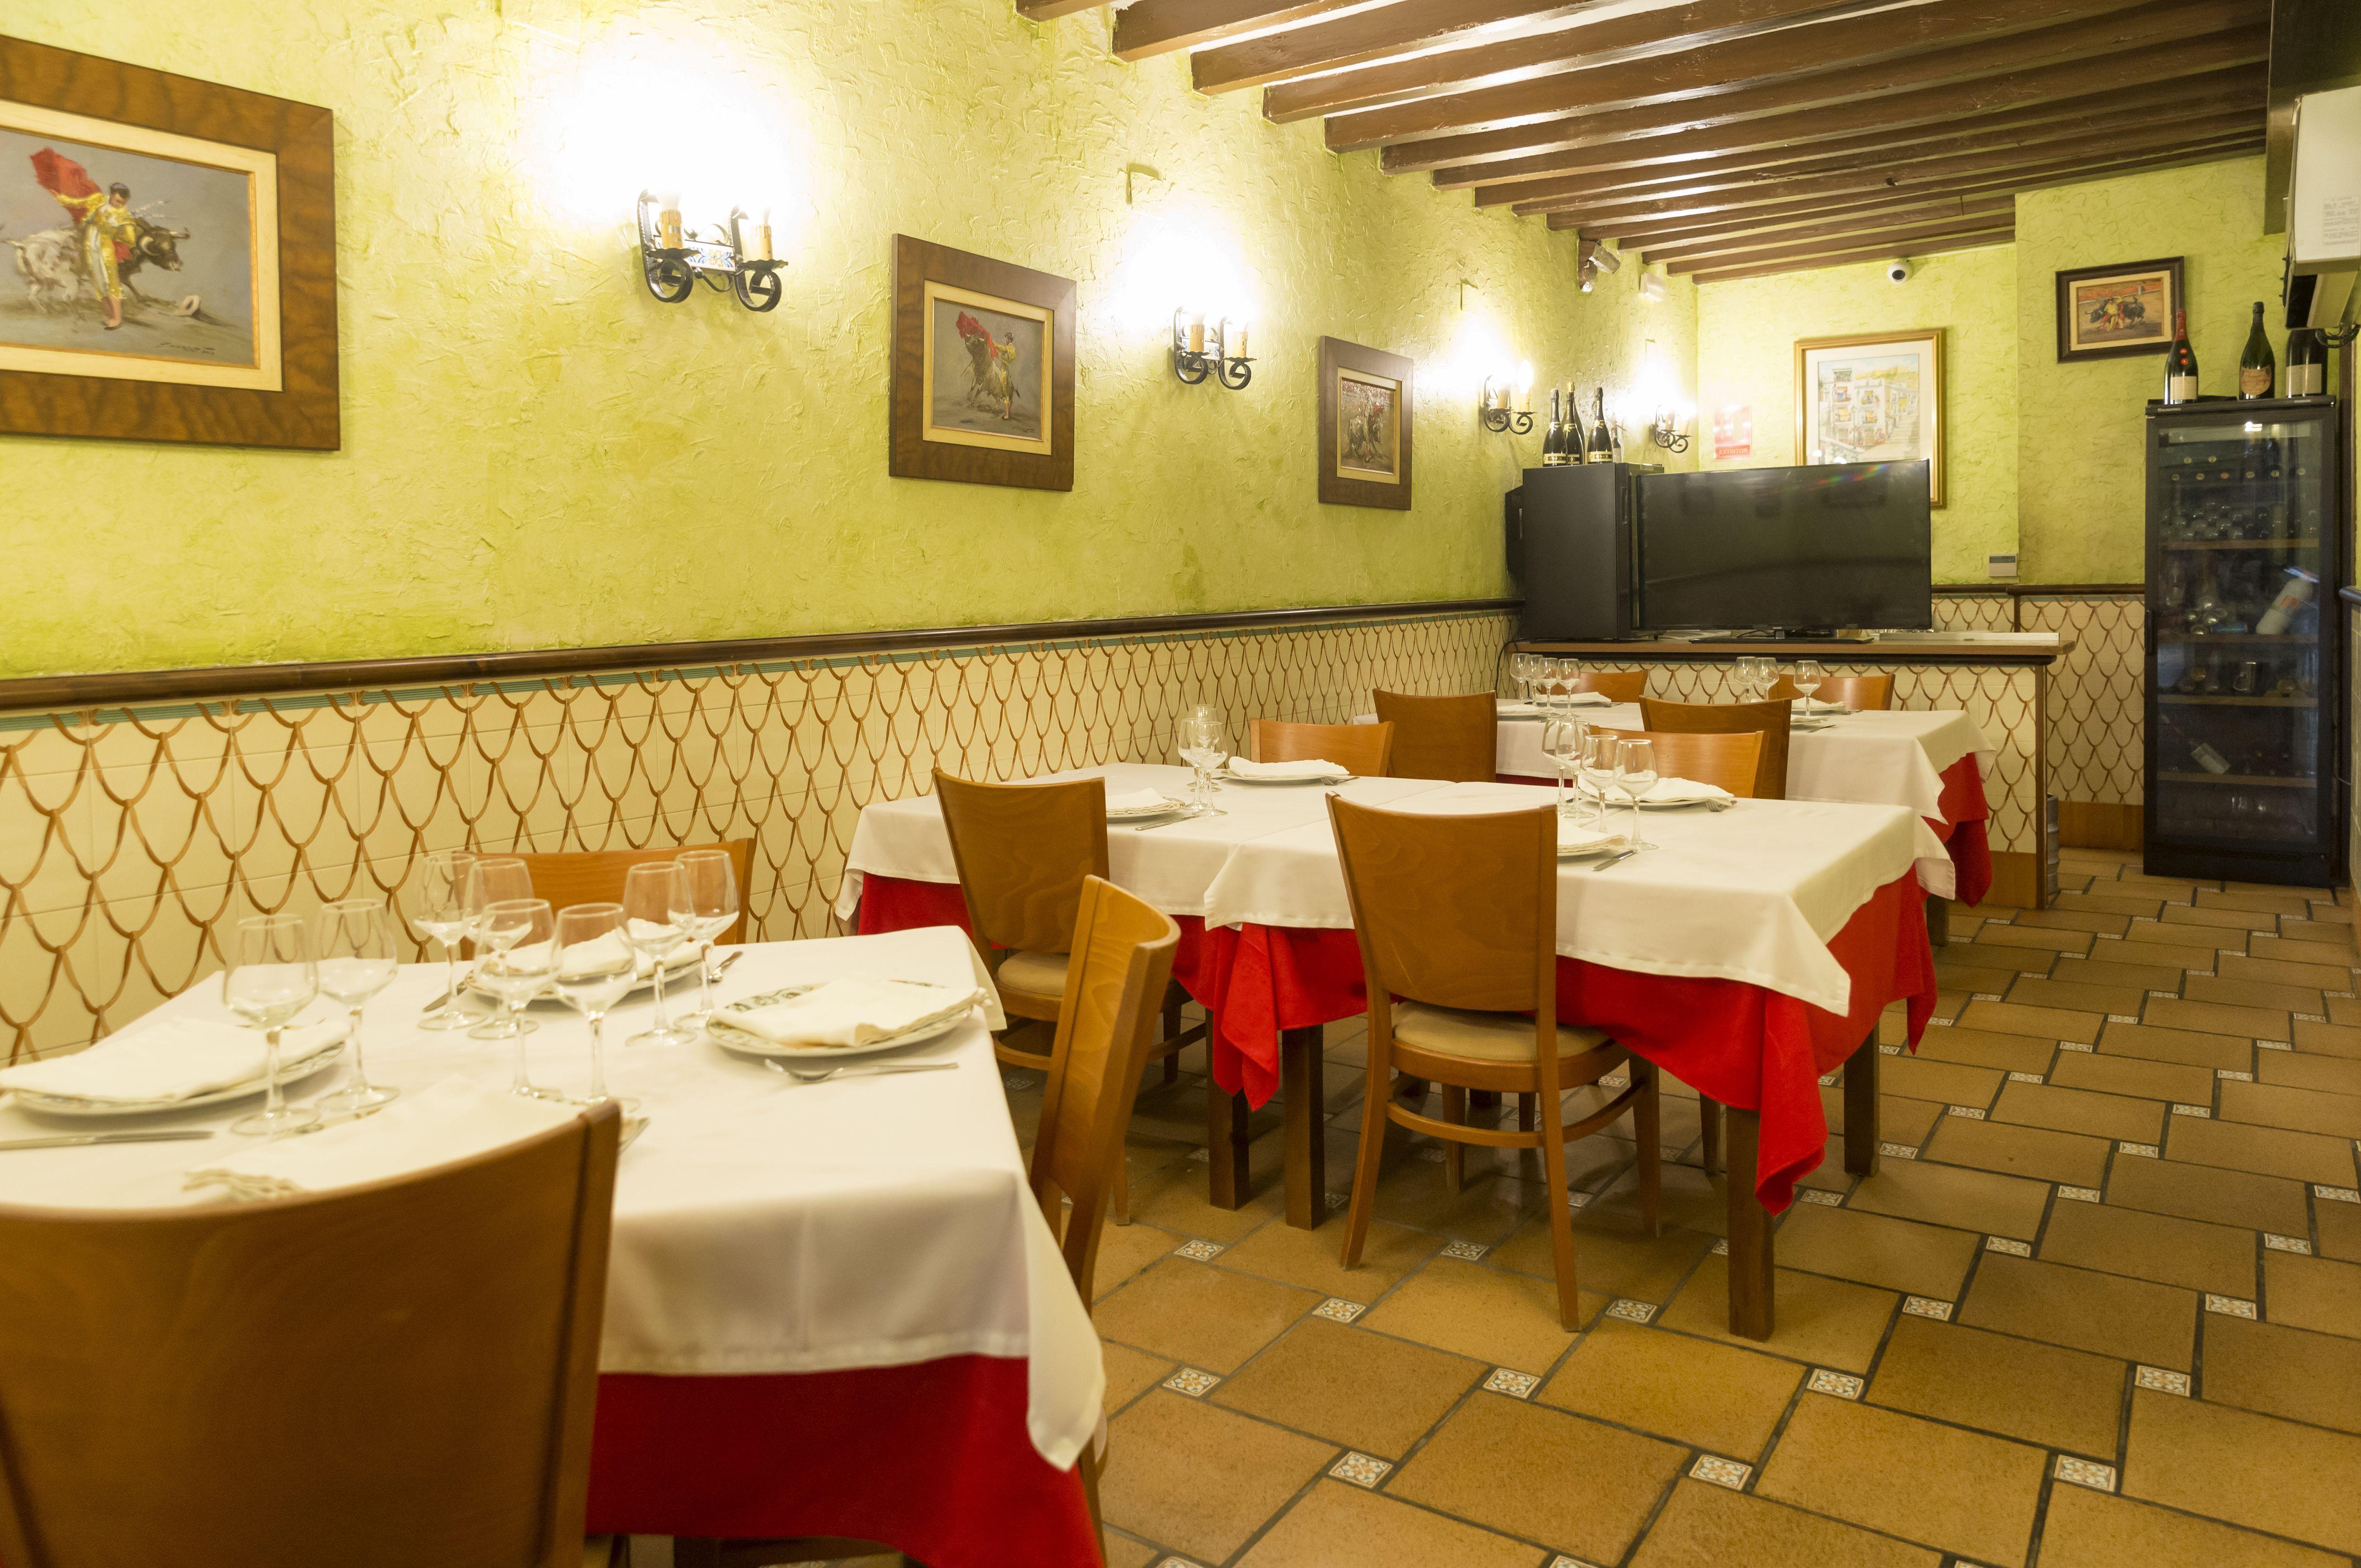 Foto 1 de Cocina mediterránea elaborada con ingredientes siempre frescos en Alicante | La Casona Alicantina